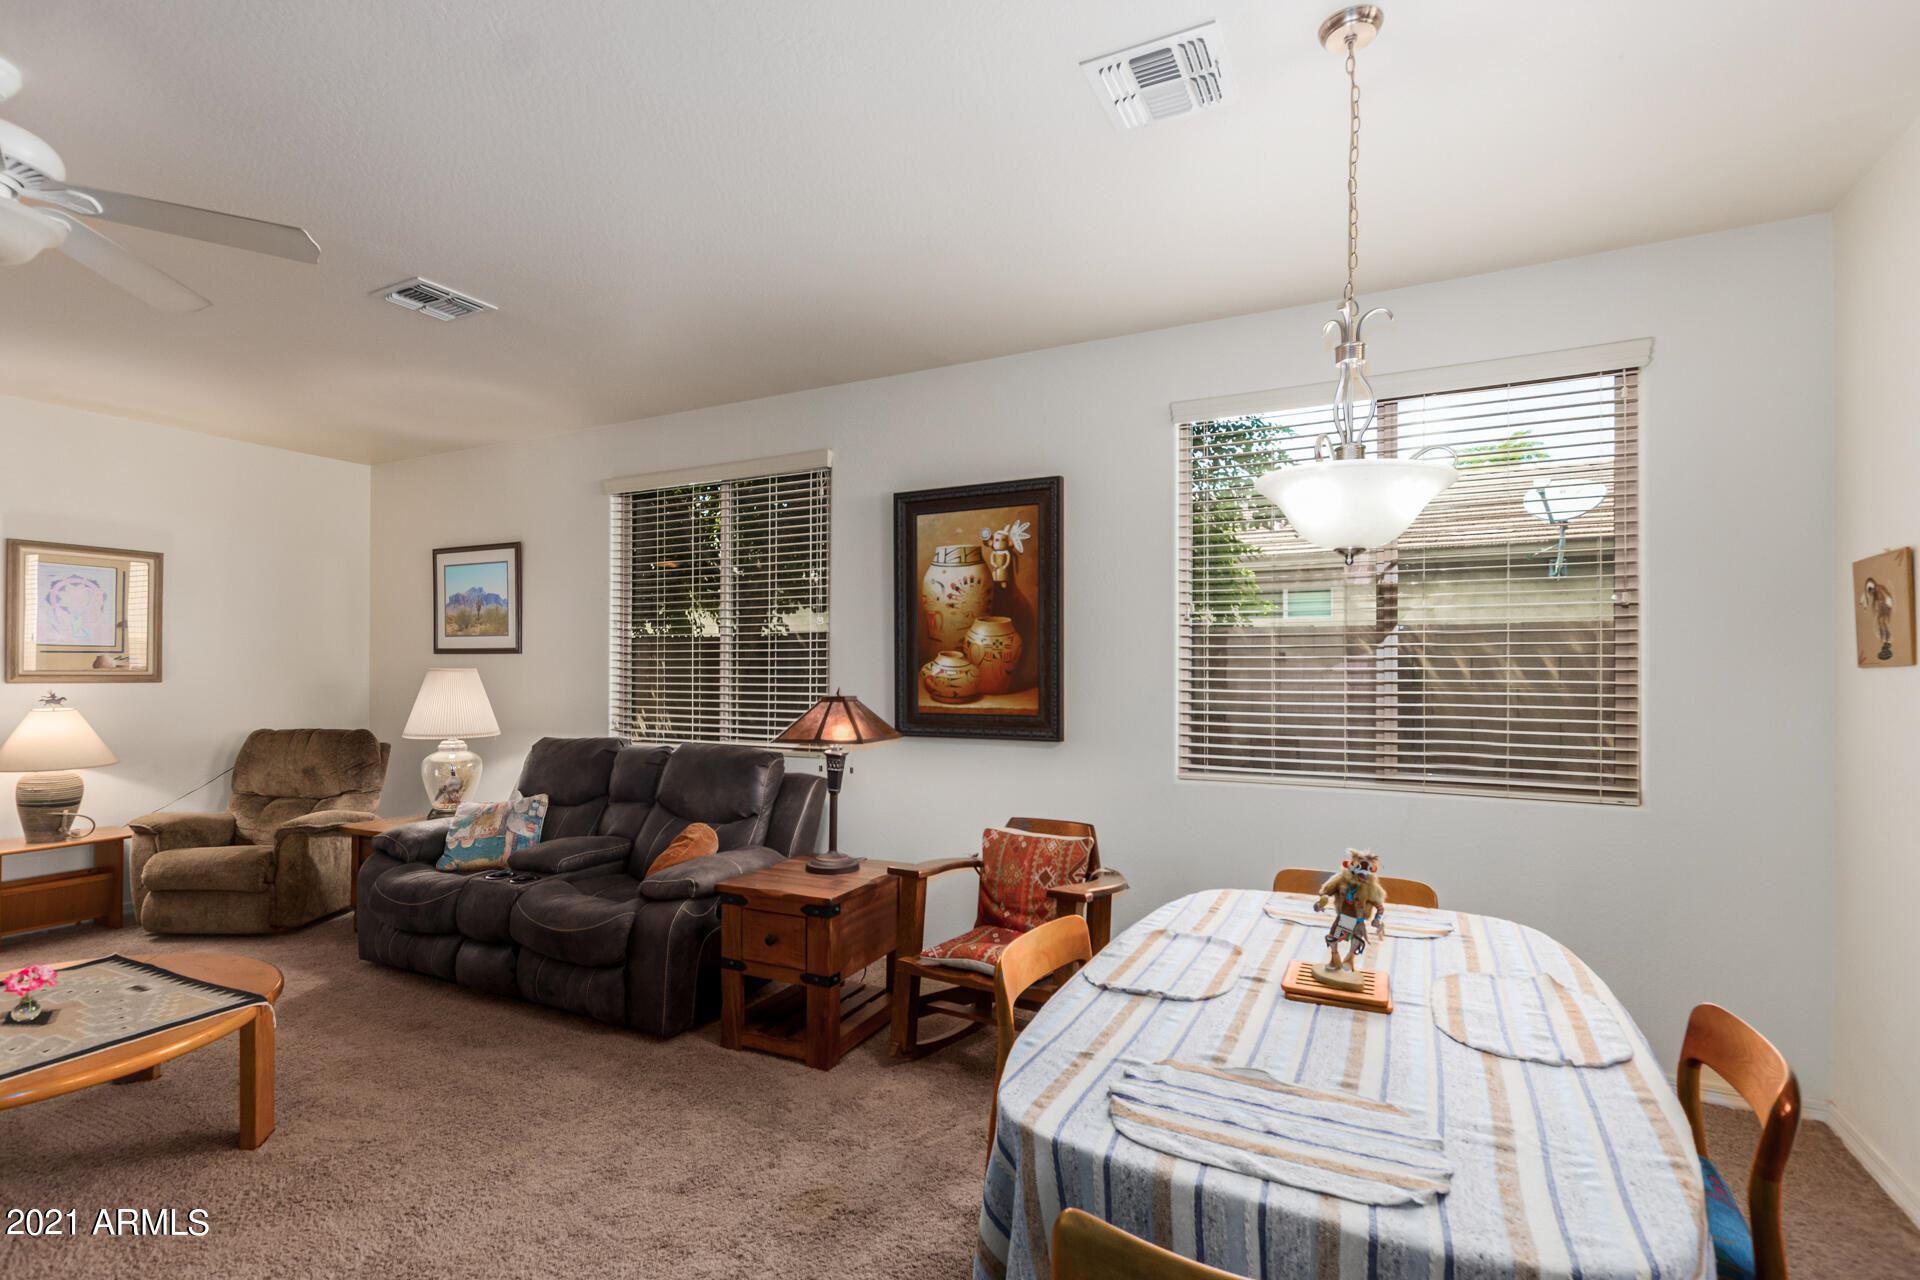 Photo of 1018 W CORRIENTE Drive, San Tan Valley, AZ 85143 (MLS # 6296025)